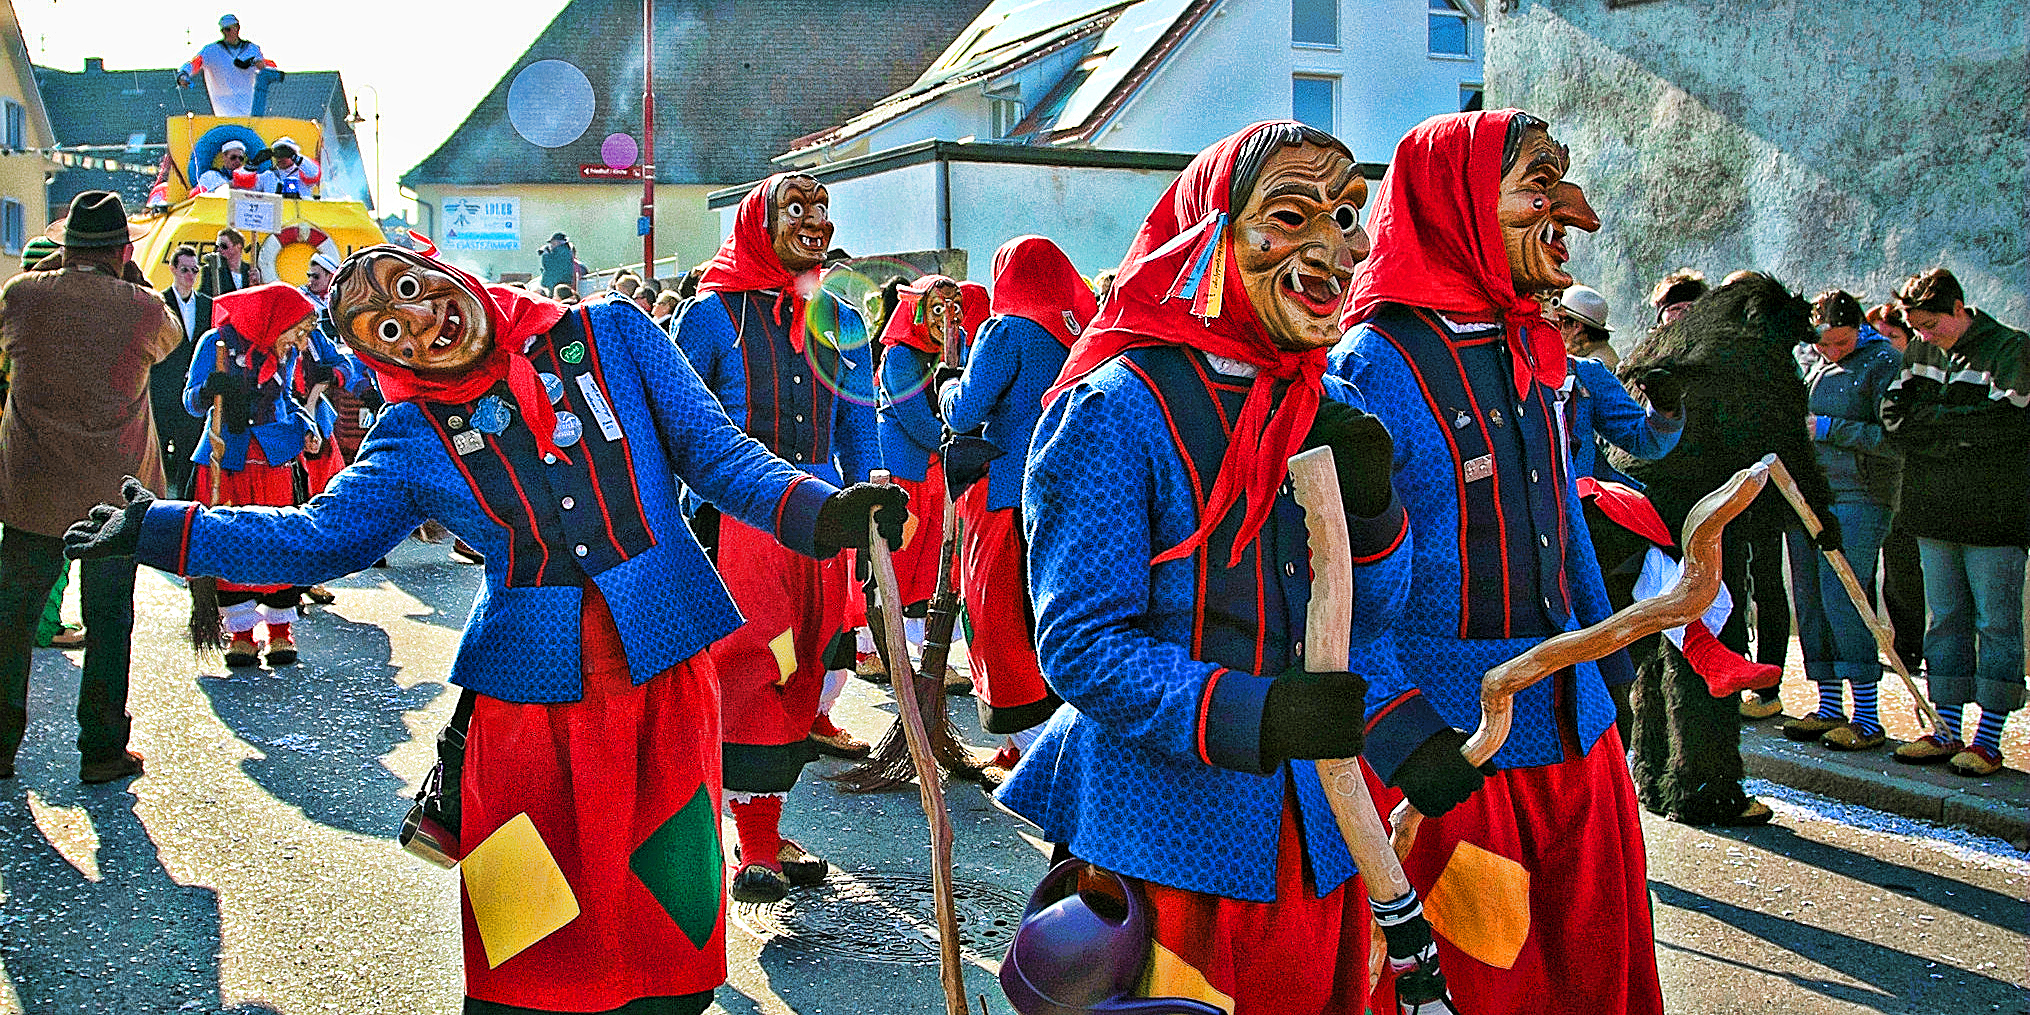 Spring carnival in Gottenheim, Germany